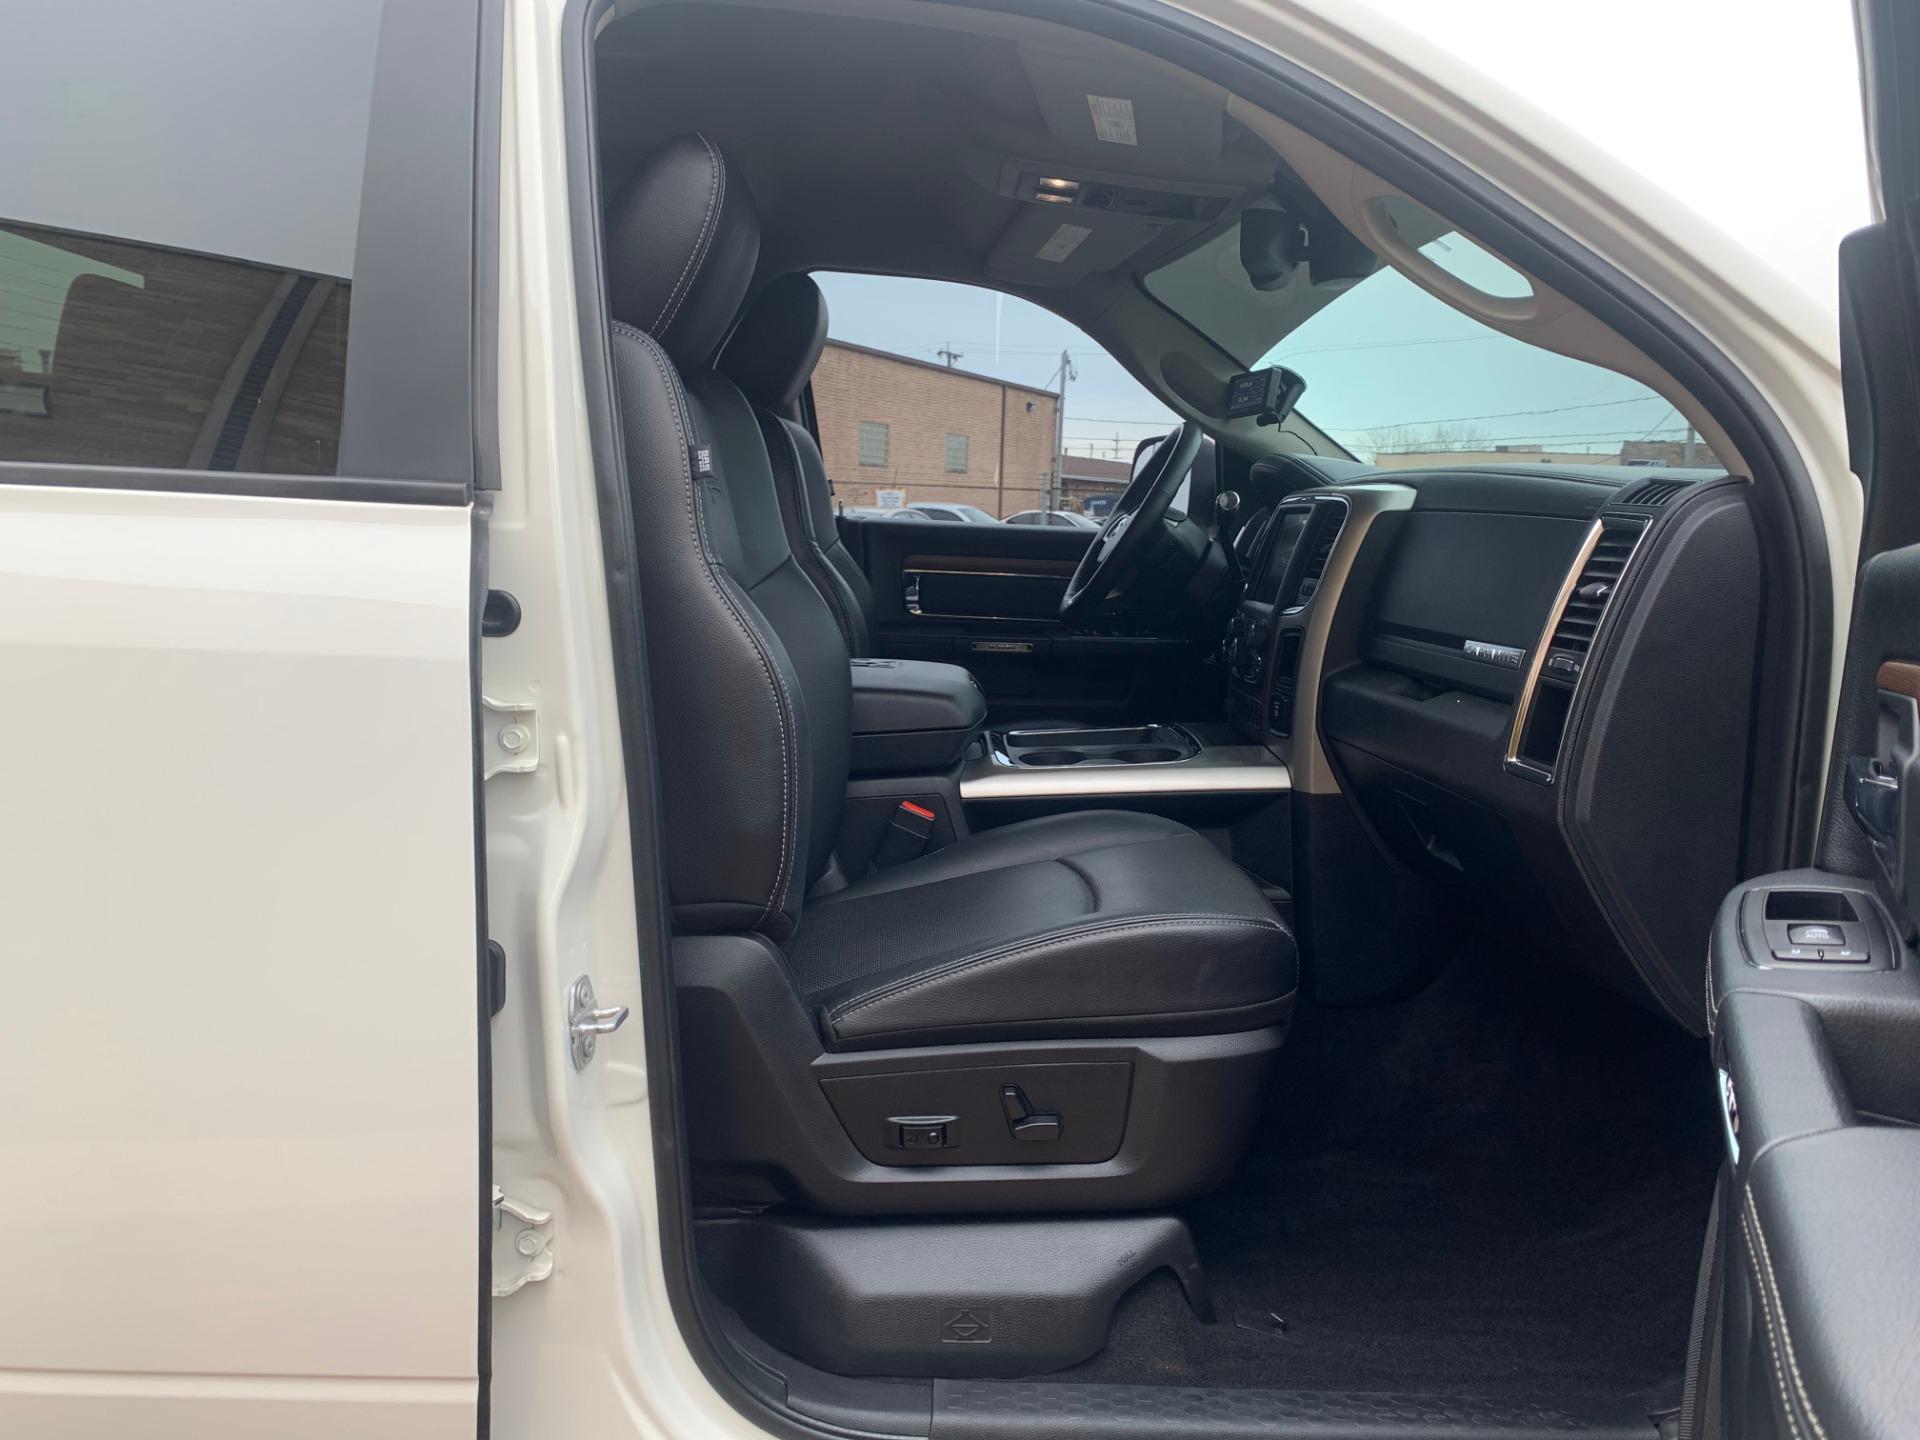 Used-2017-Ram-3500-pickup-Laramie-4X4